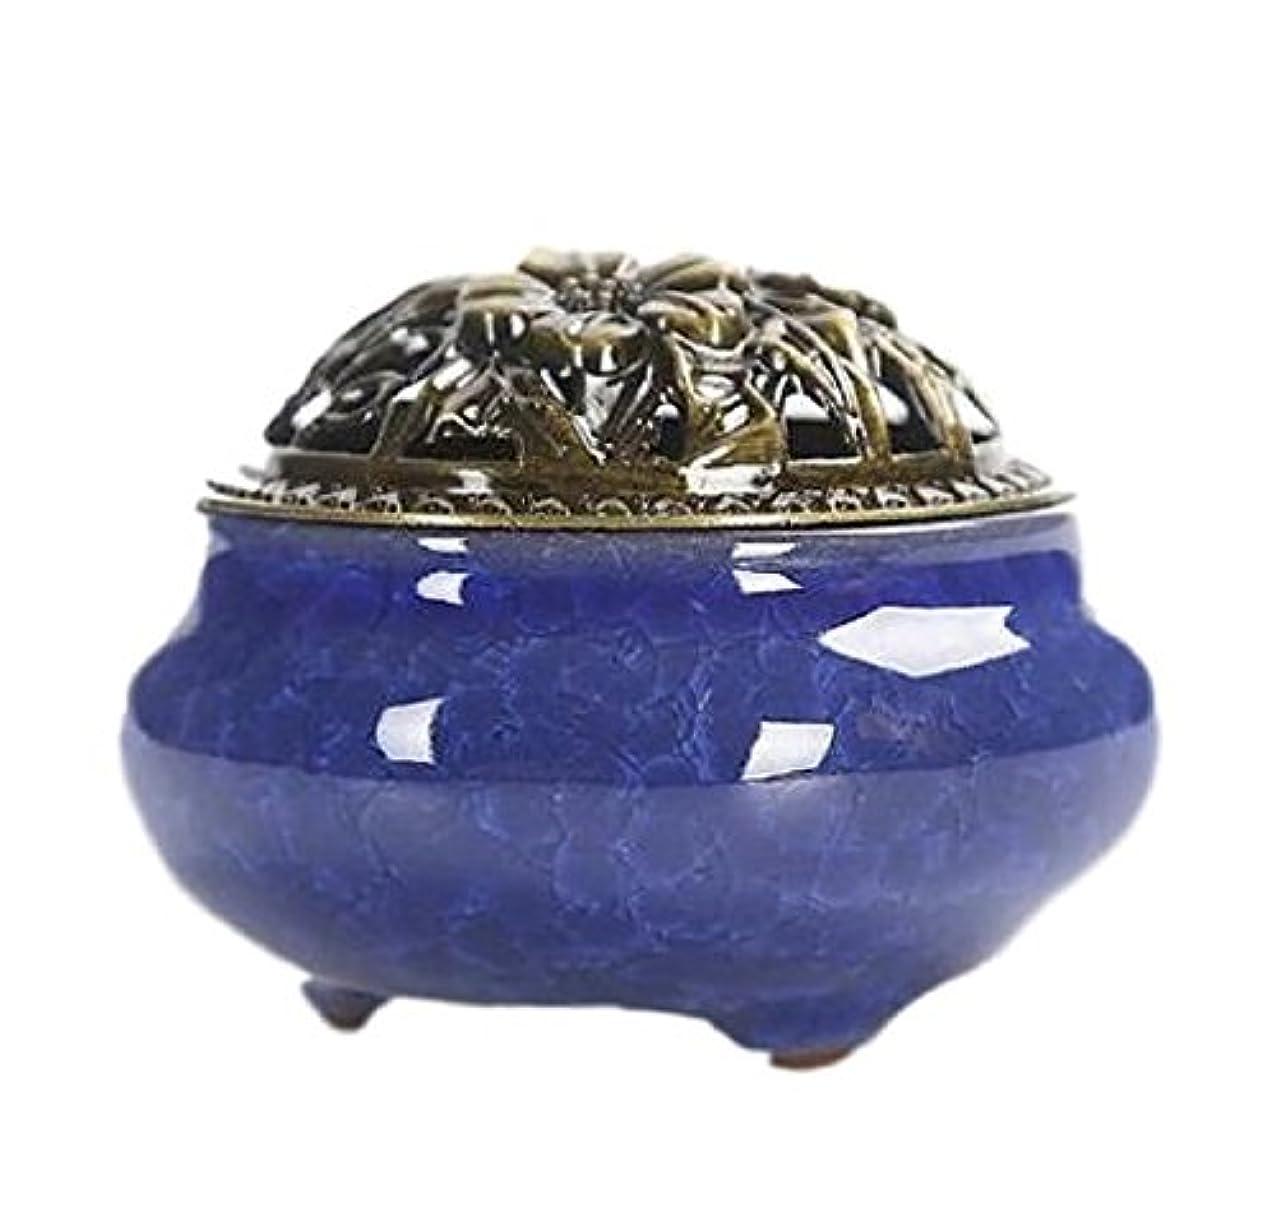 ダッシュブラウズ栄養U-Pick 香炉 お香立て セット 心を落ち着かせてくれる 色合い 陶器 サファイア色